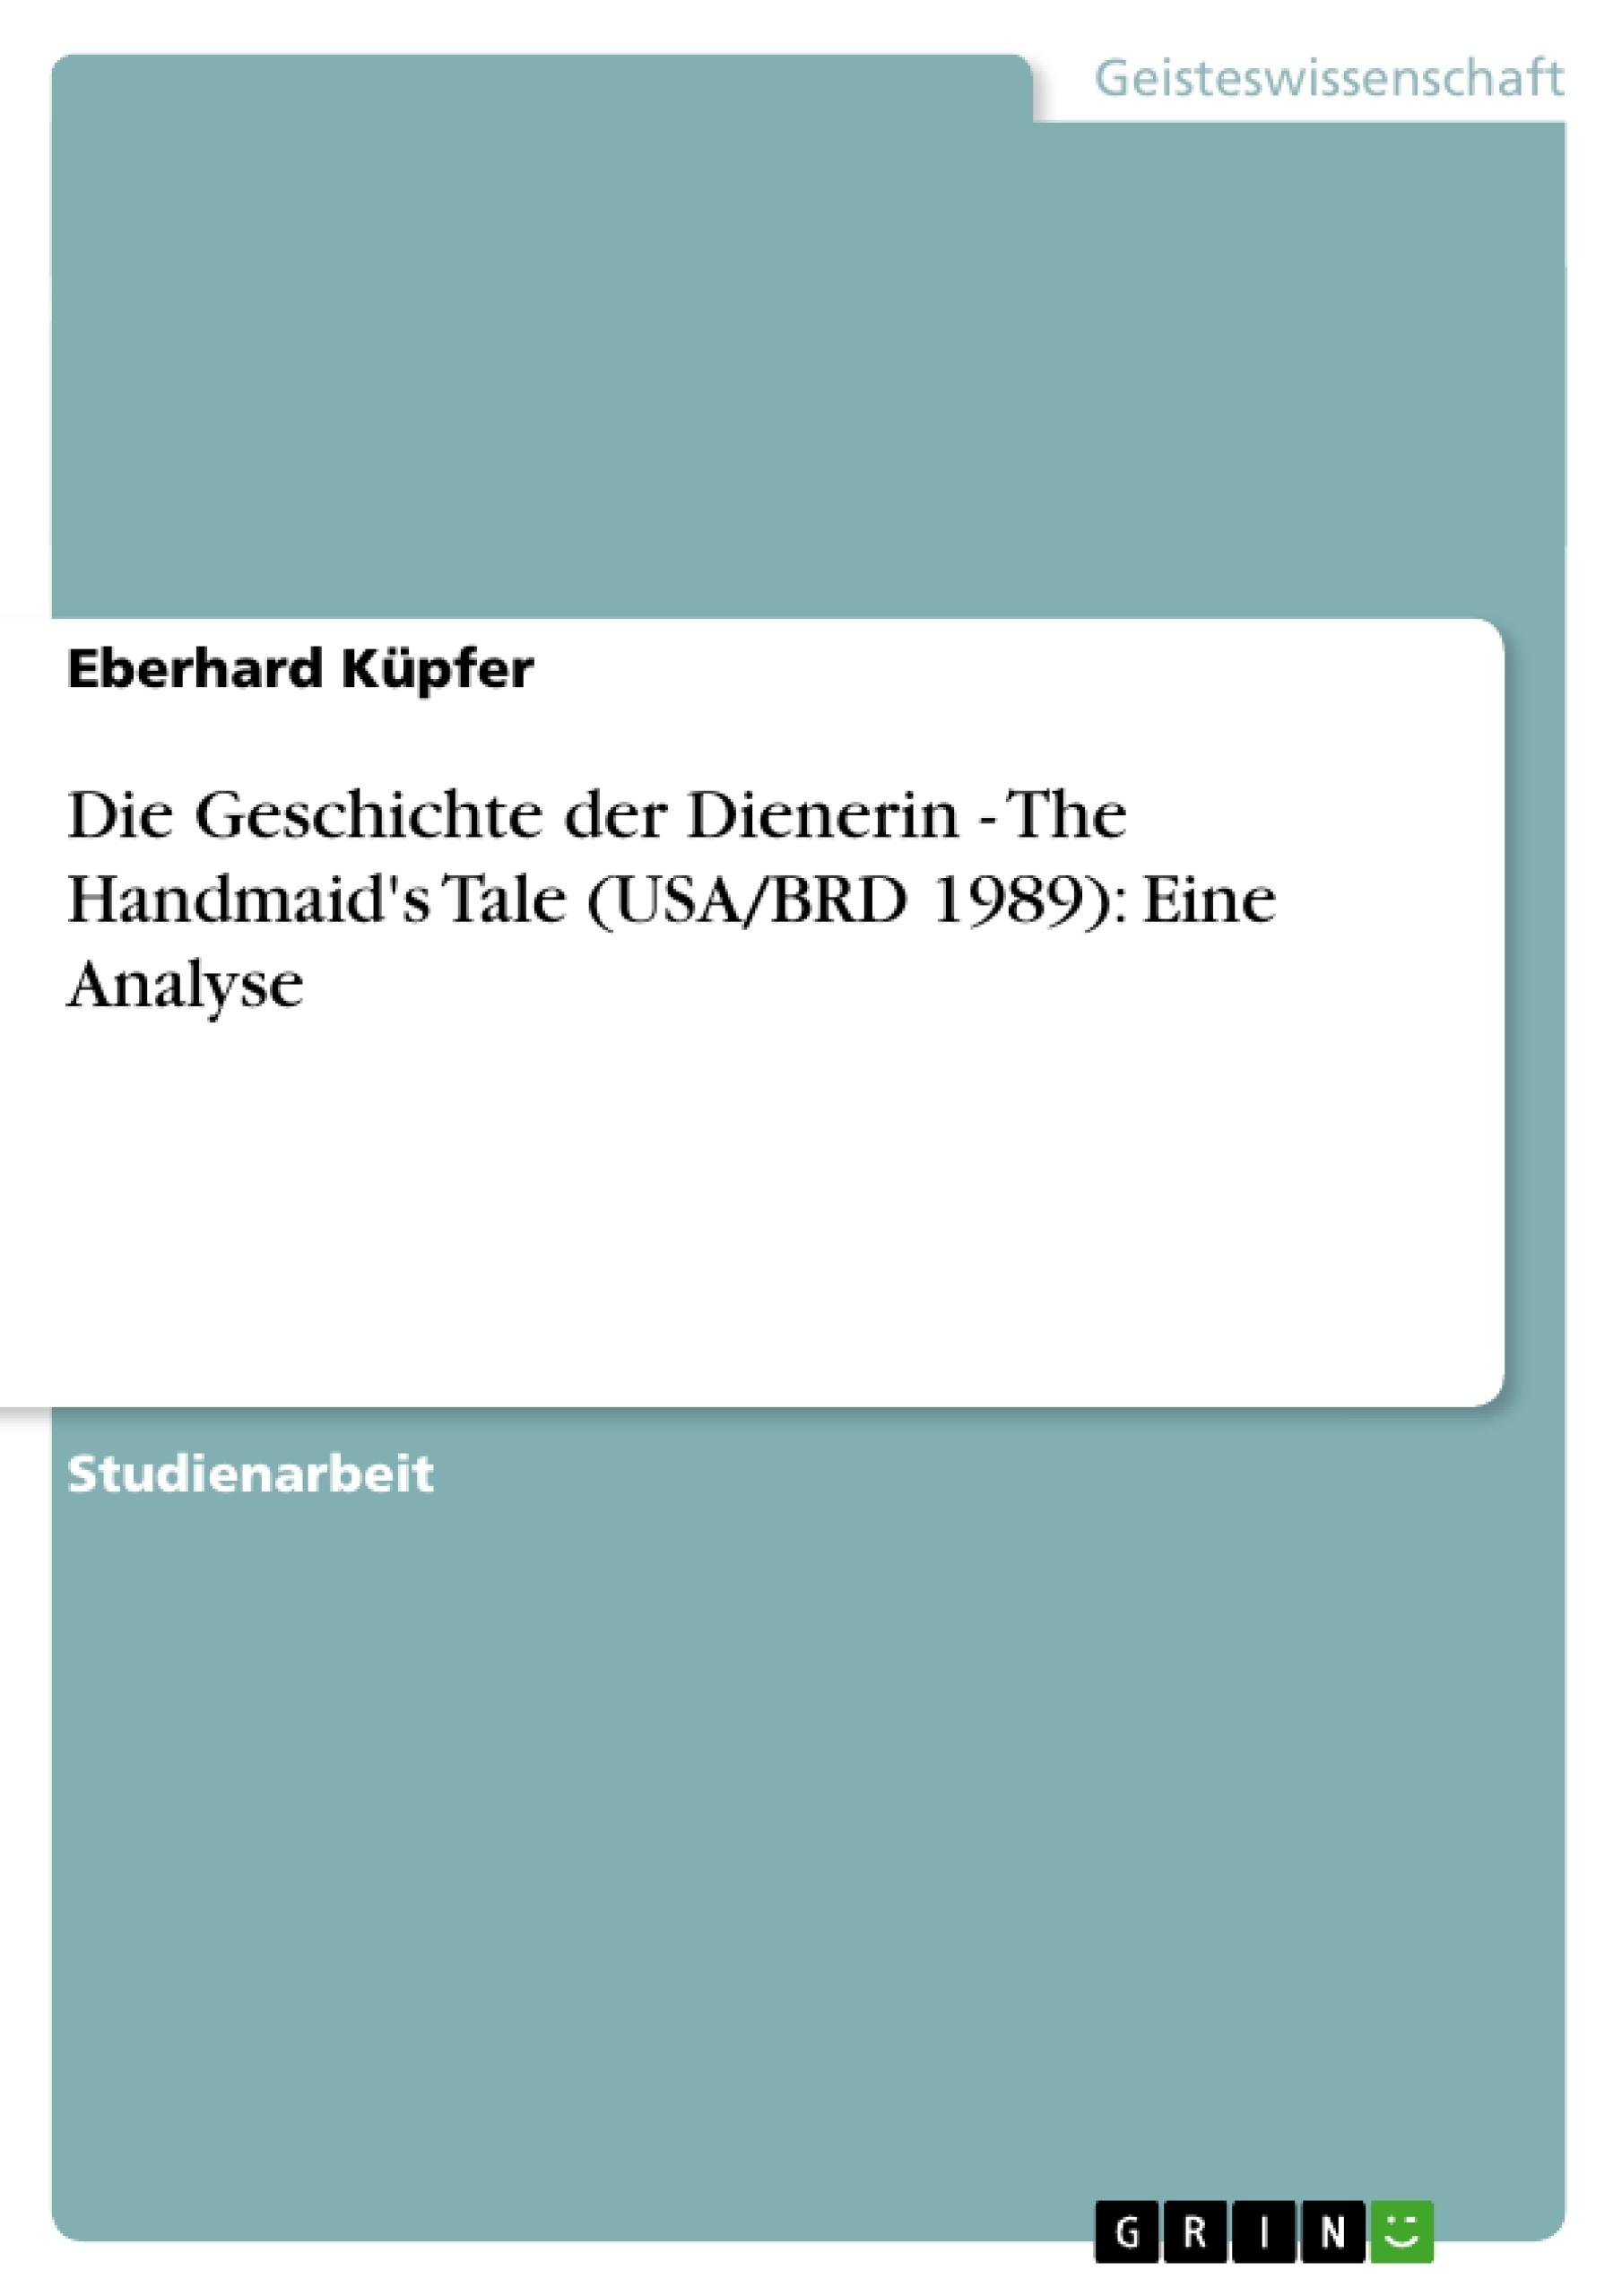 Titel: Die Geschichte der Dienerin - The Handmaid's Tale (USA/BRD 1989): Eine Analyse